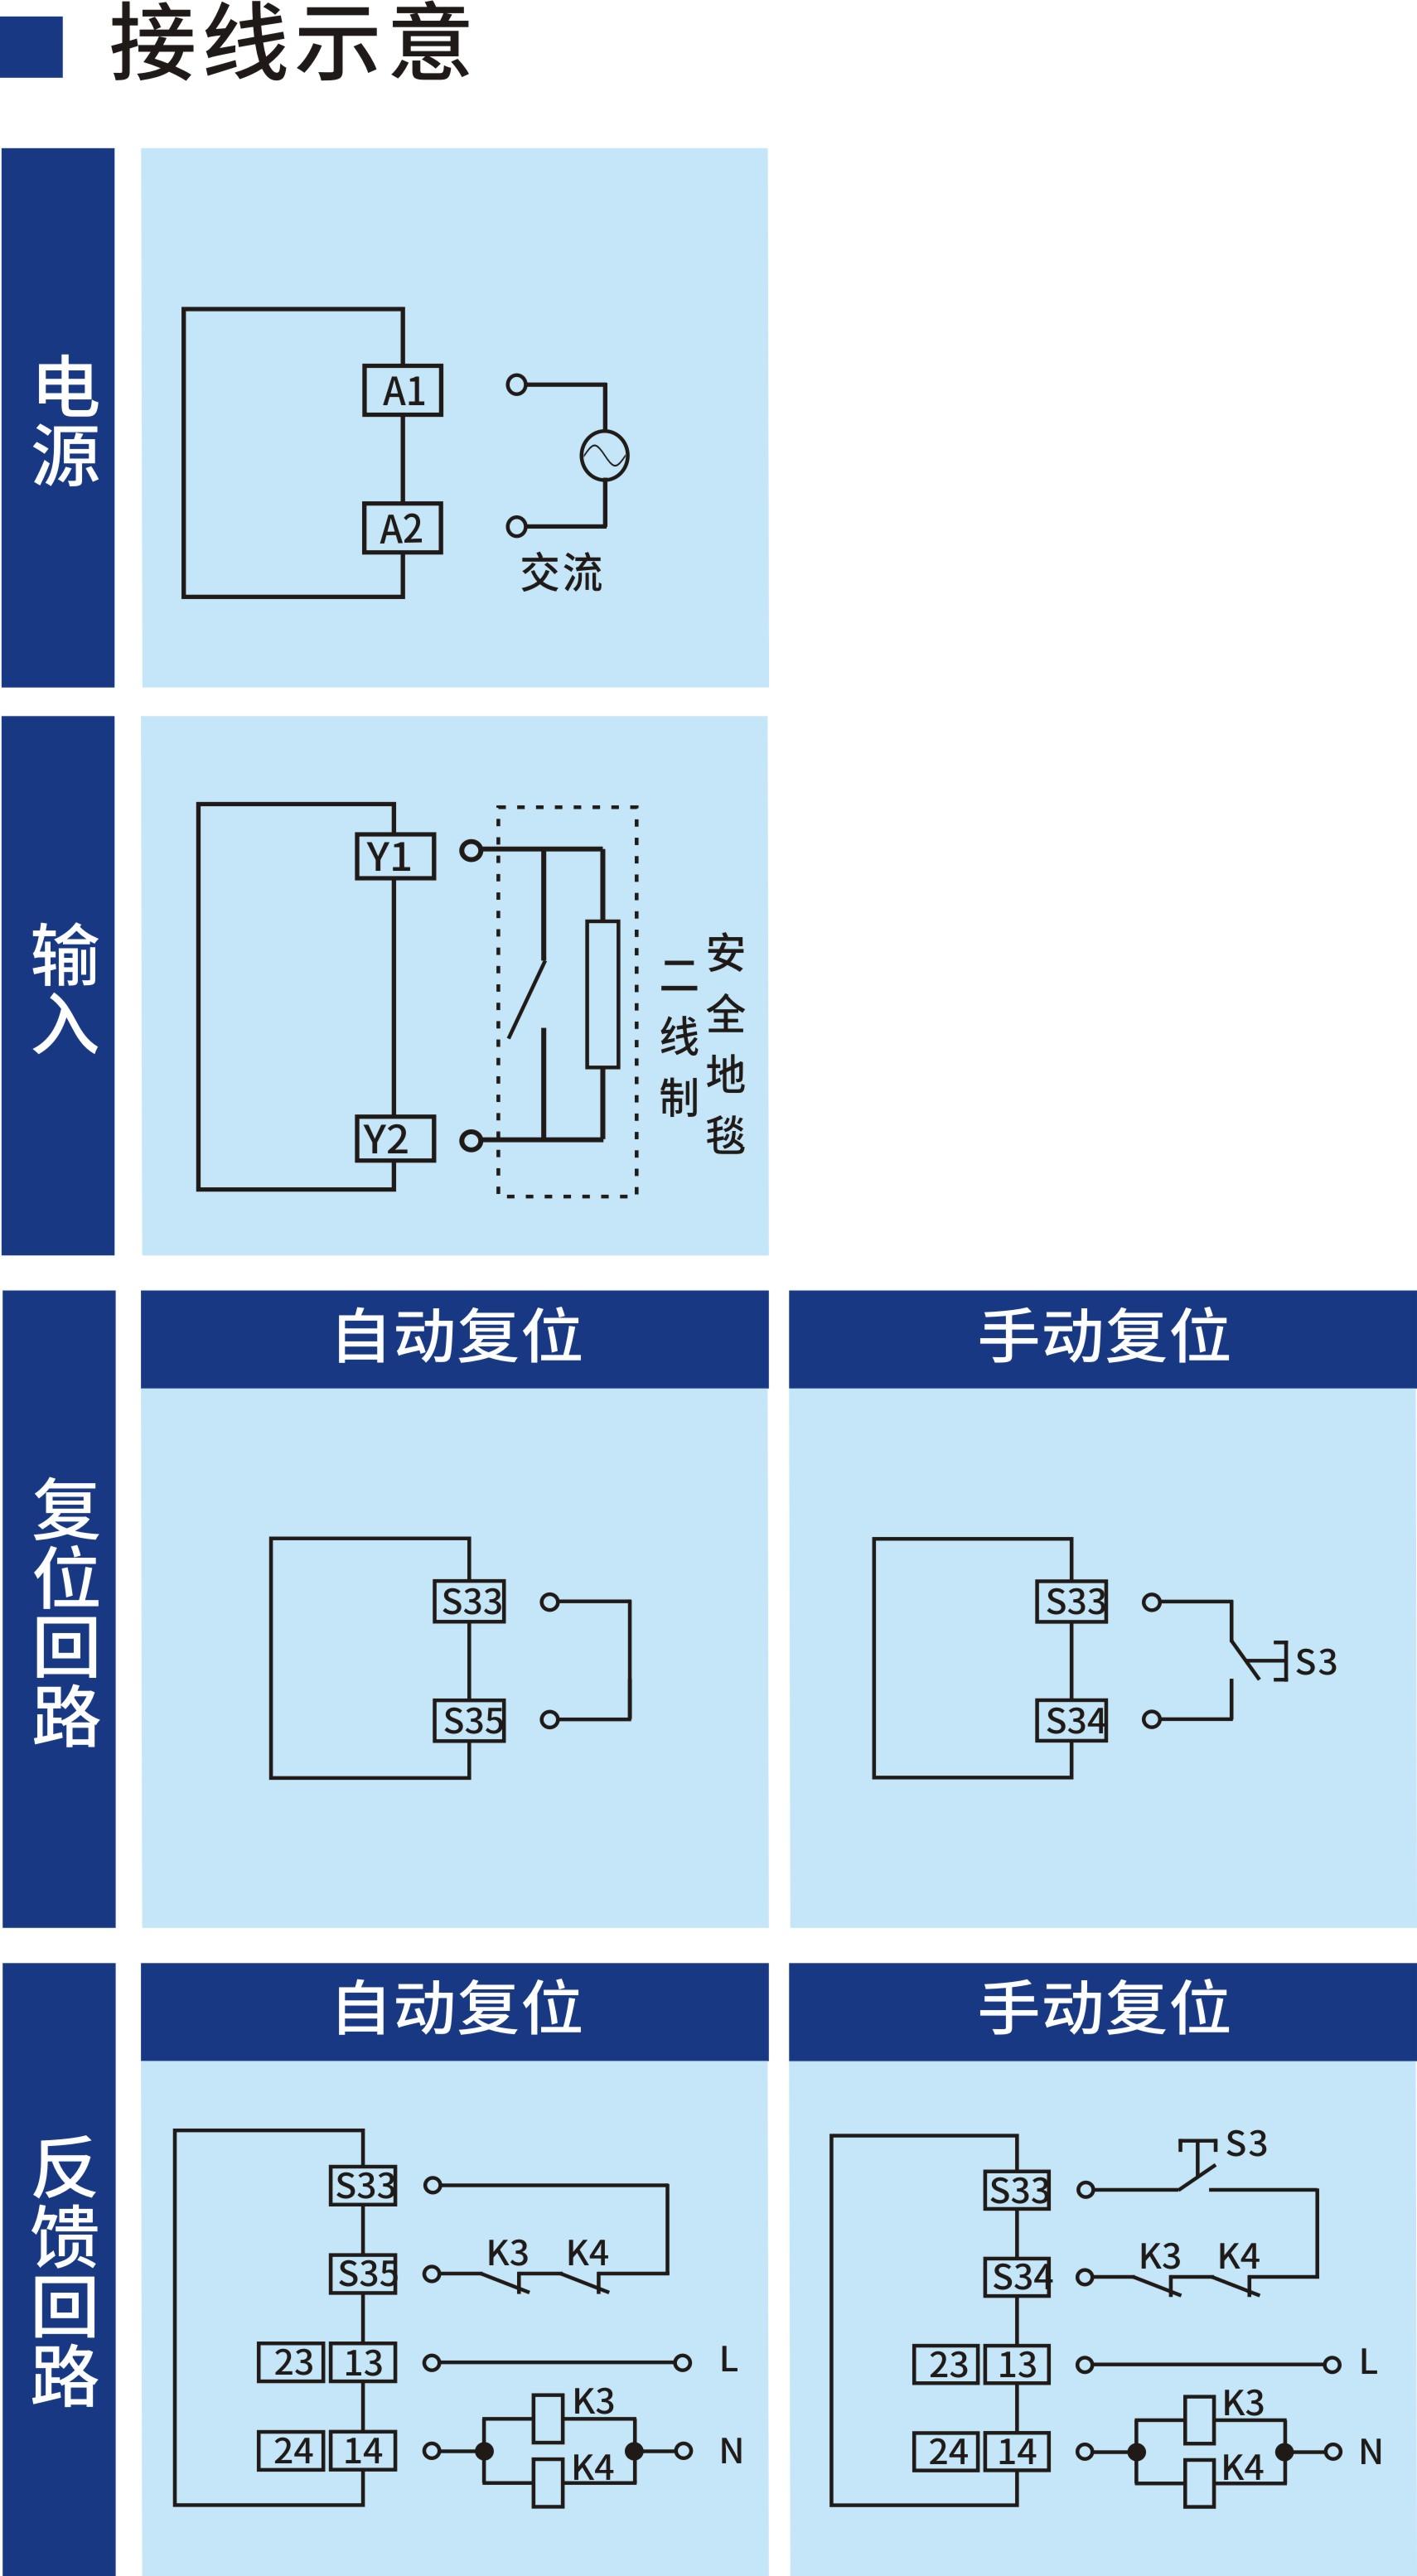 开关型安全设备输入 (两线制安全地毯 230V AC 2NO+2NC 通用复位)